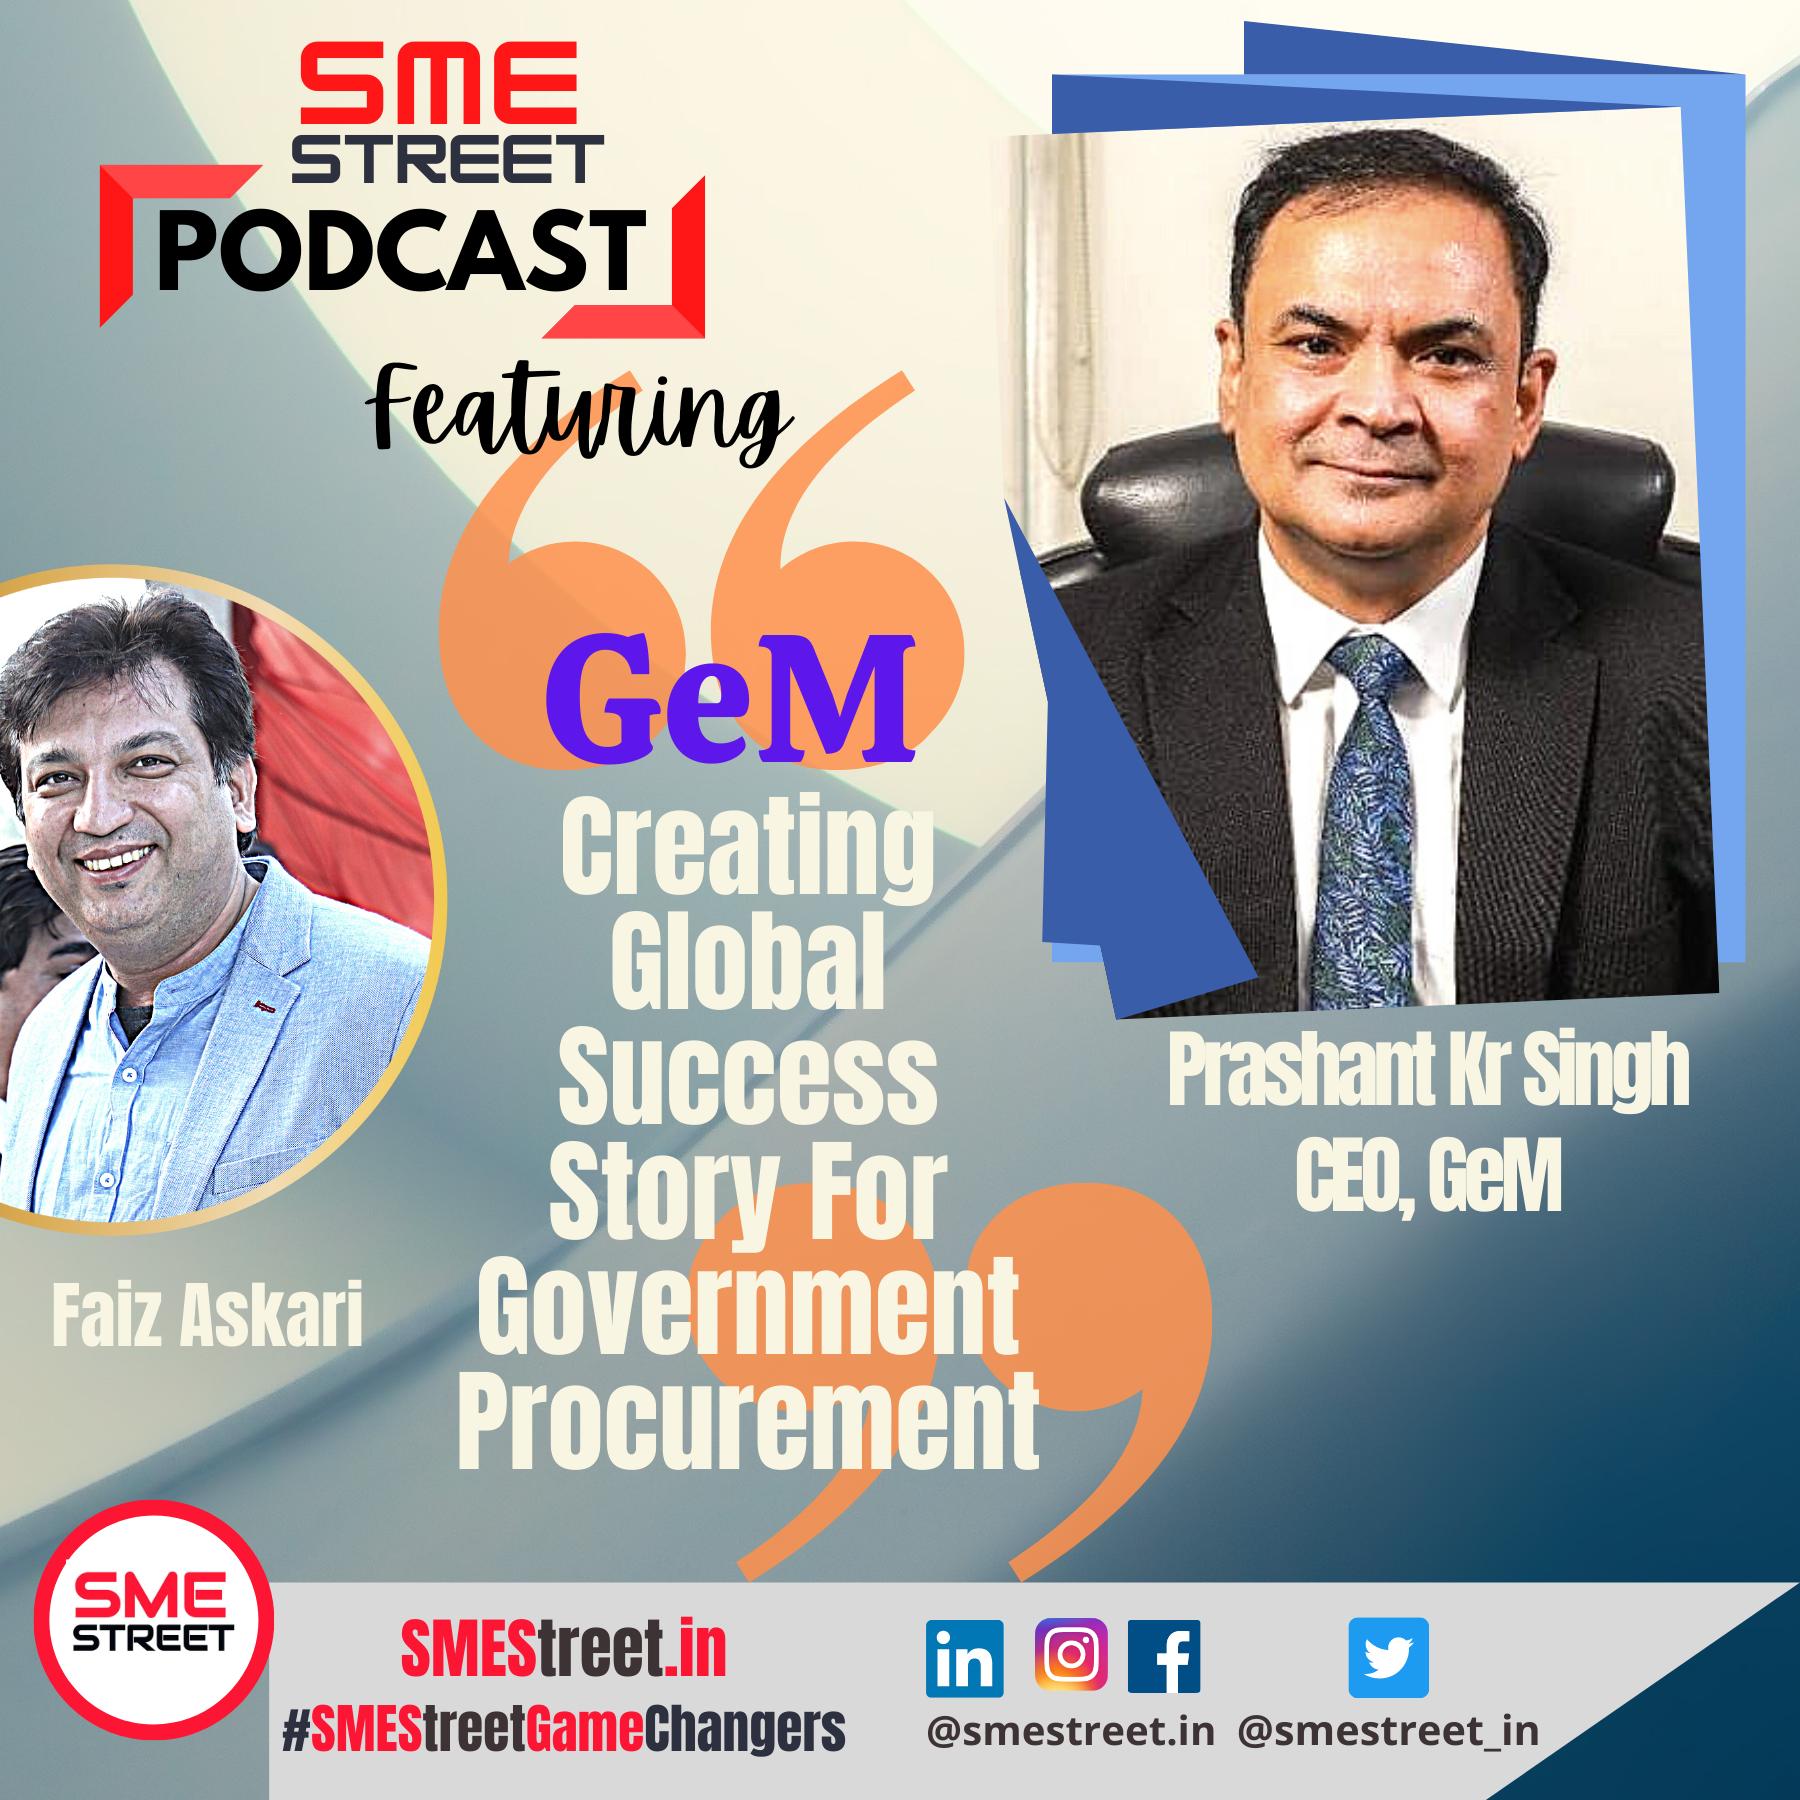 Prashant Kumar Singh, GeM, Faiz Askari, SMEStreet